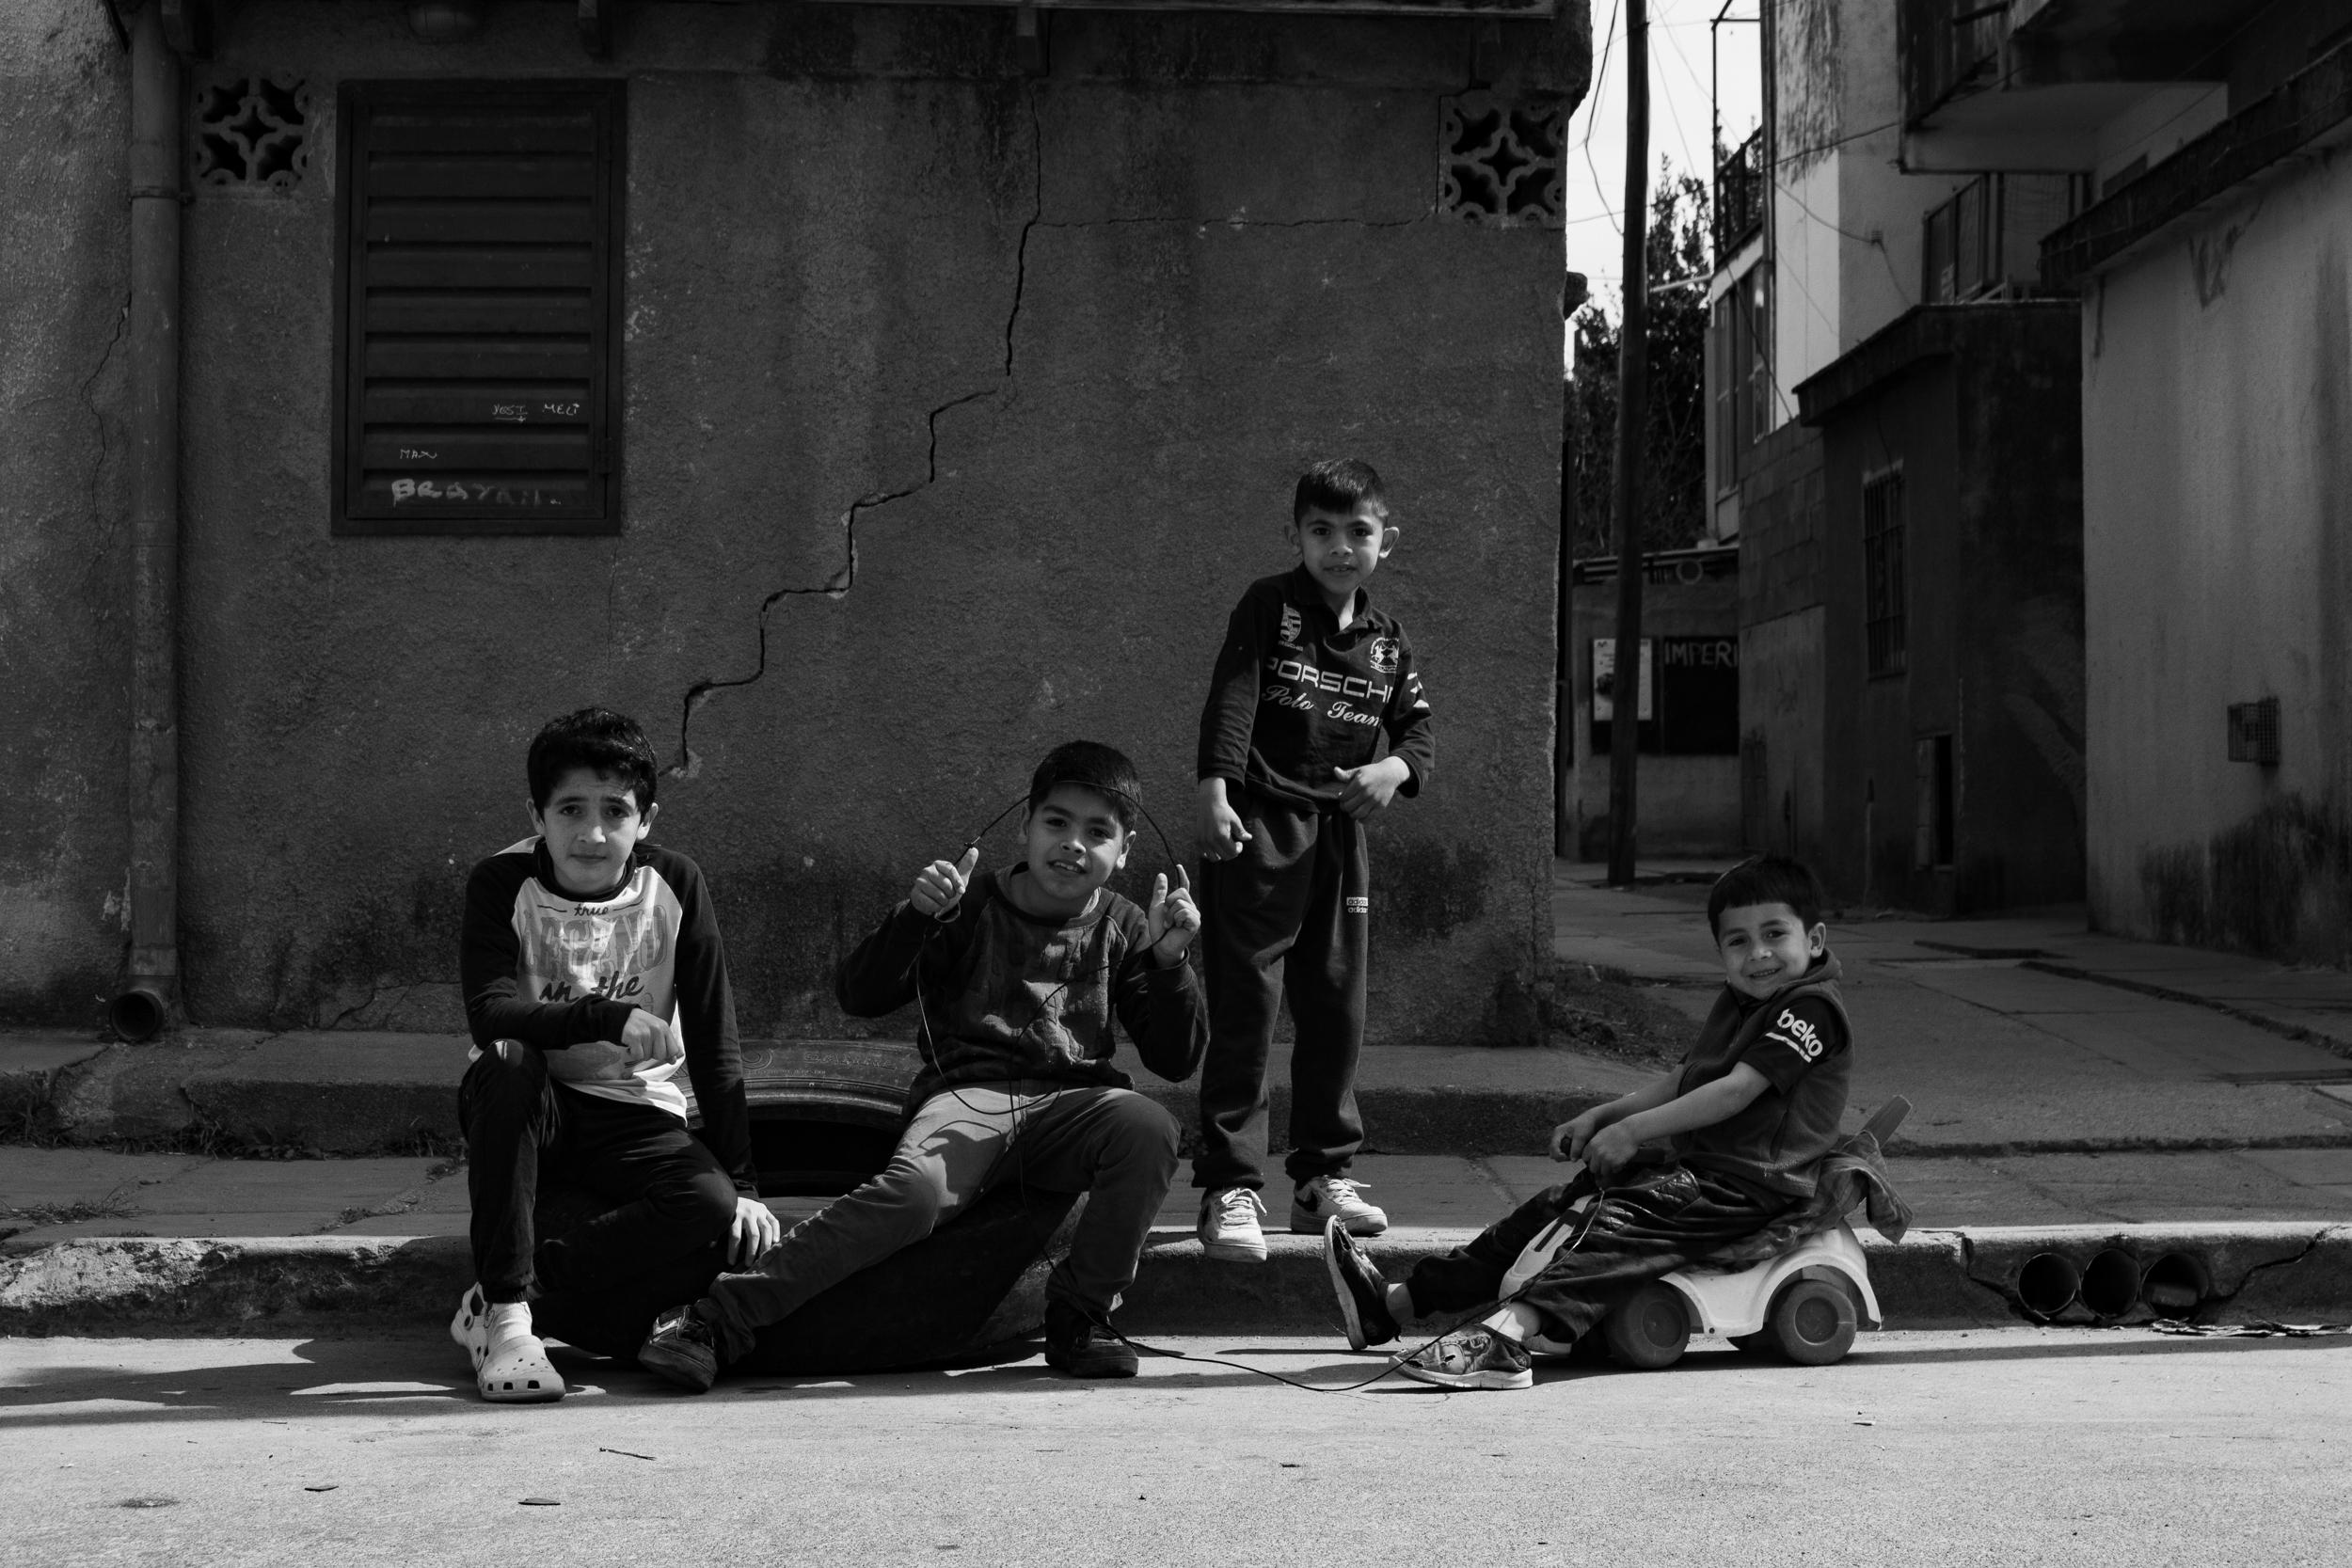 fotogalería-Merendero-Pimpollo-Brian-Waiman-Barrio-Ejército-Argentino-Gatillo-fácil-6